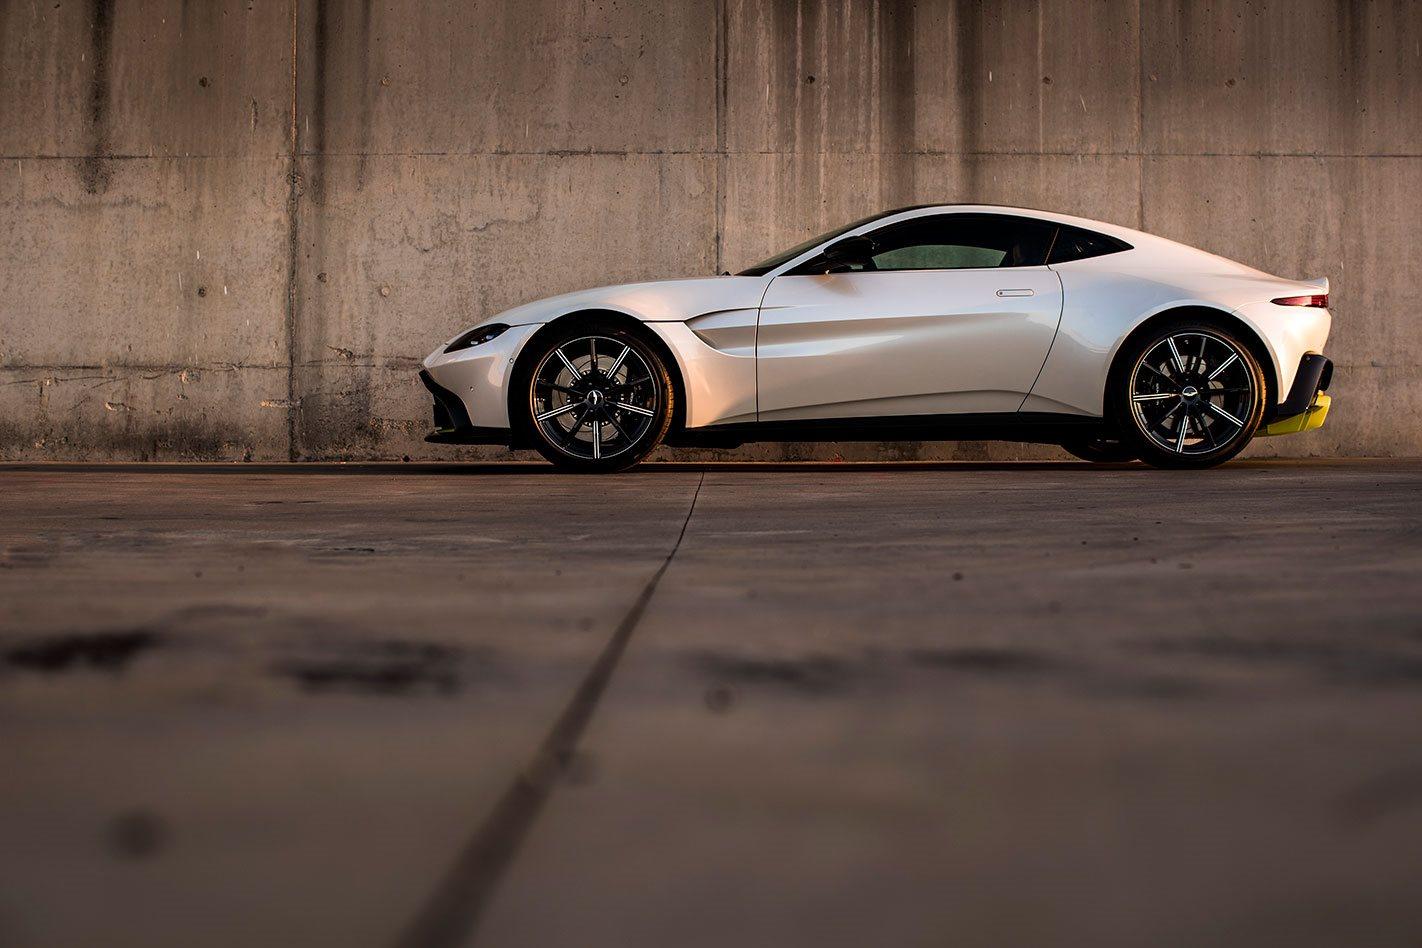 2018 Aston Martin Vantage side profile